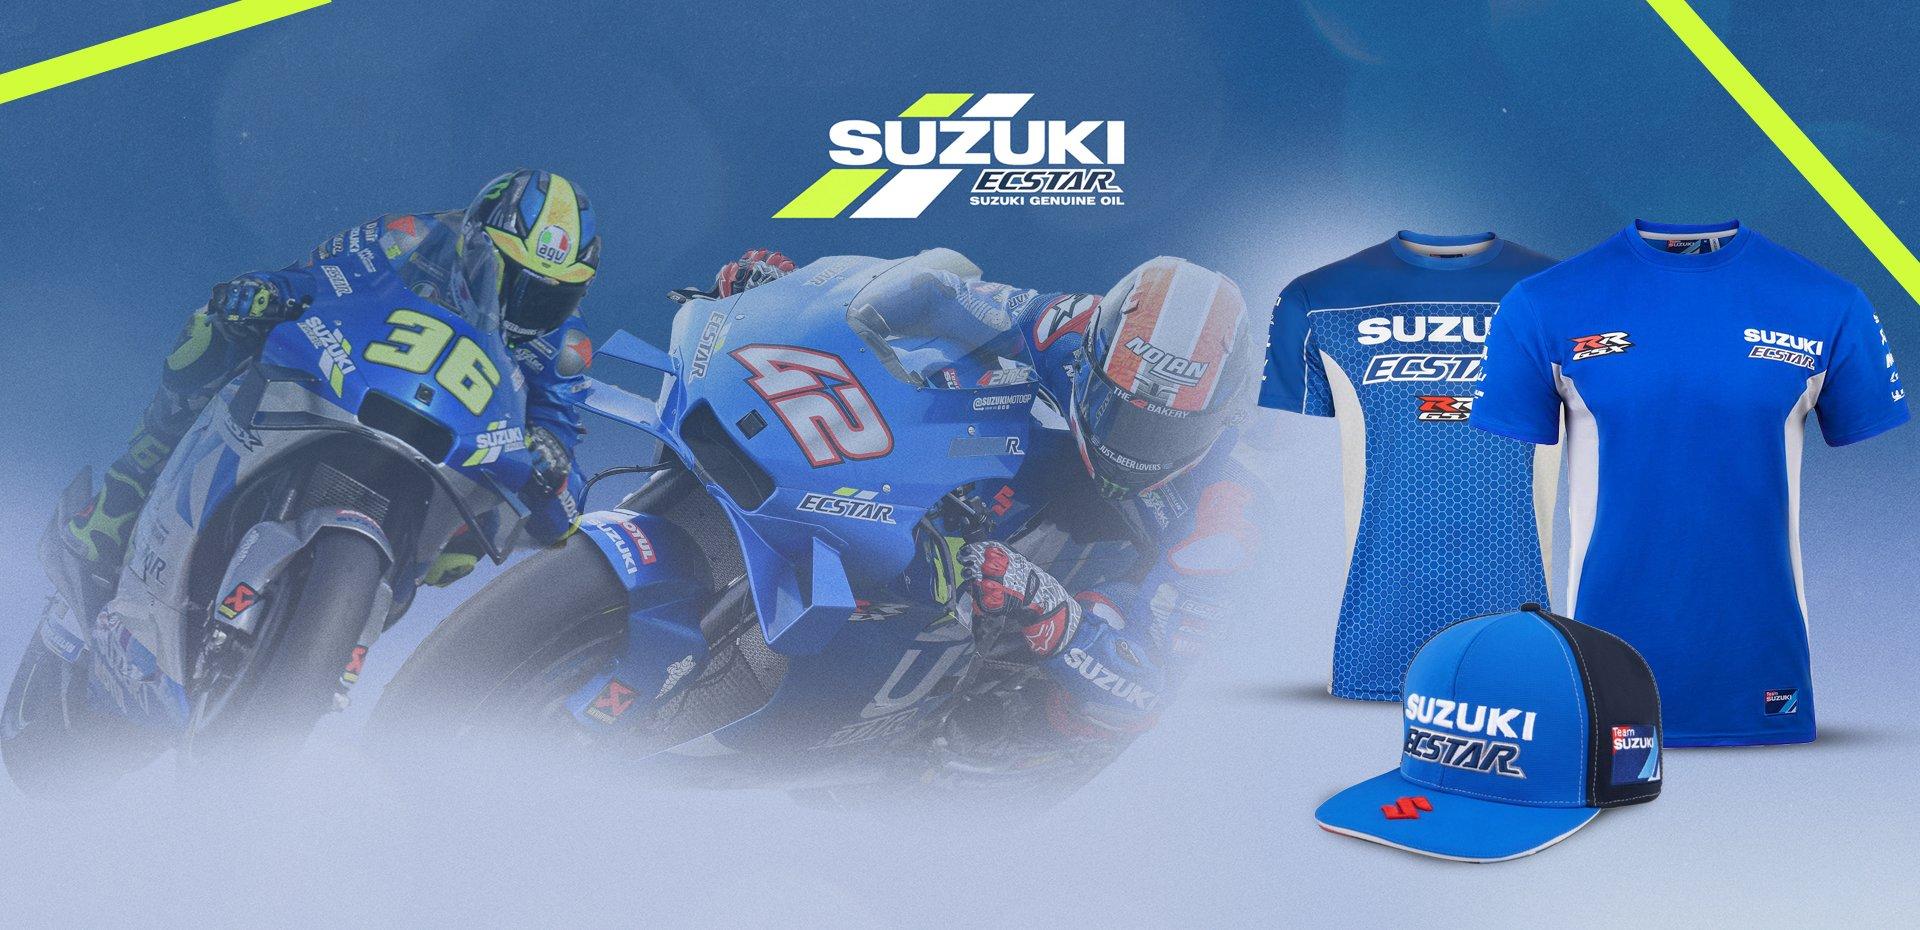 Félicitations à l'équipe Suzuki Ecstar!